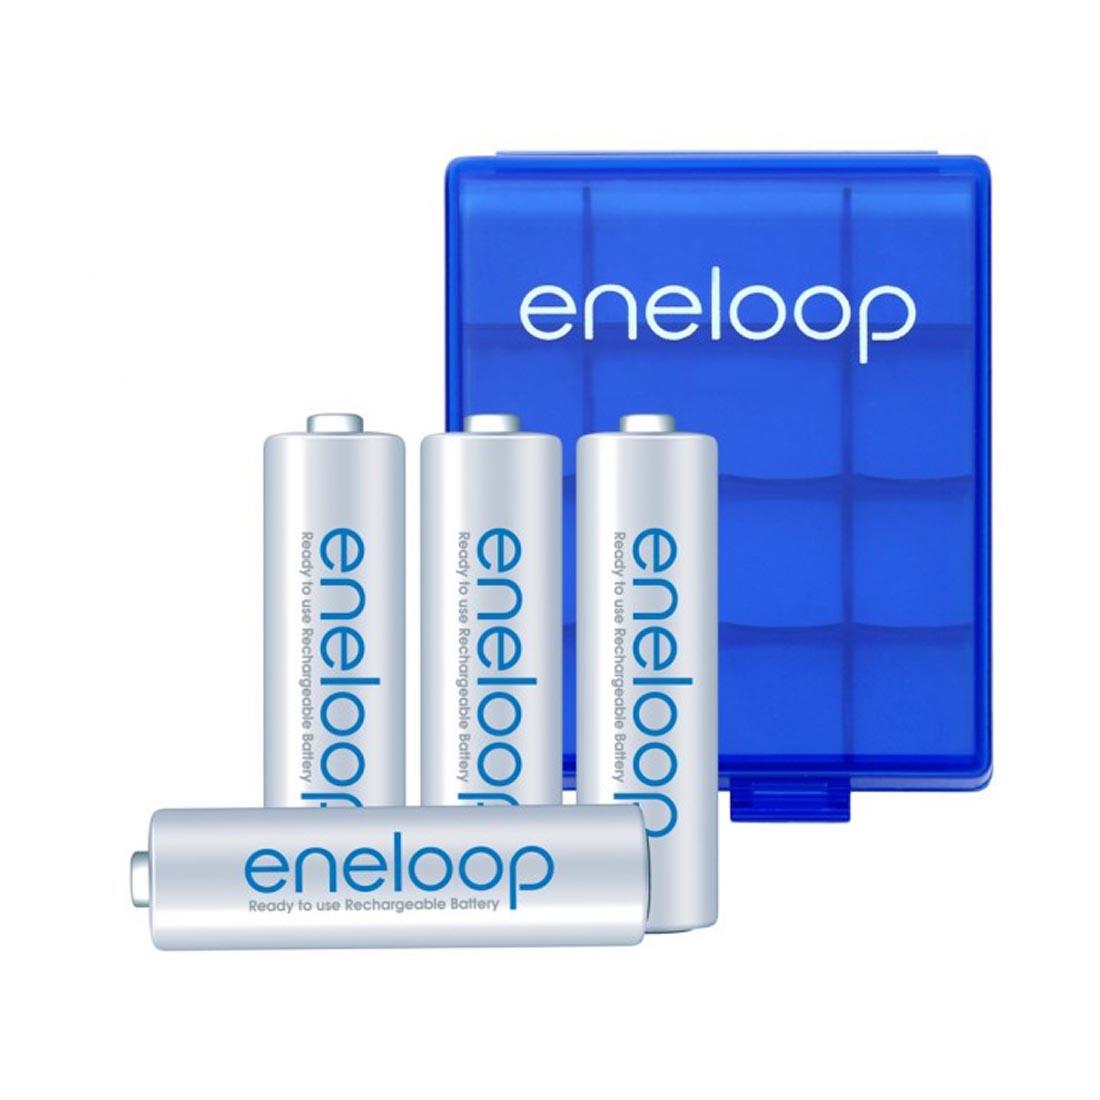 Eneloop standardne - 4 x AA + kutijica